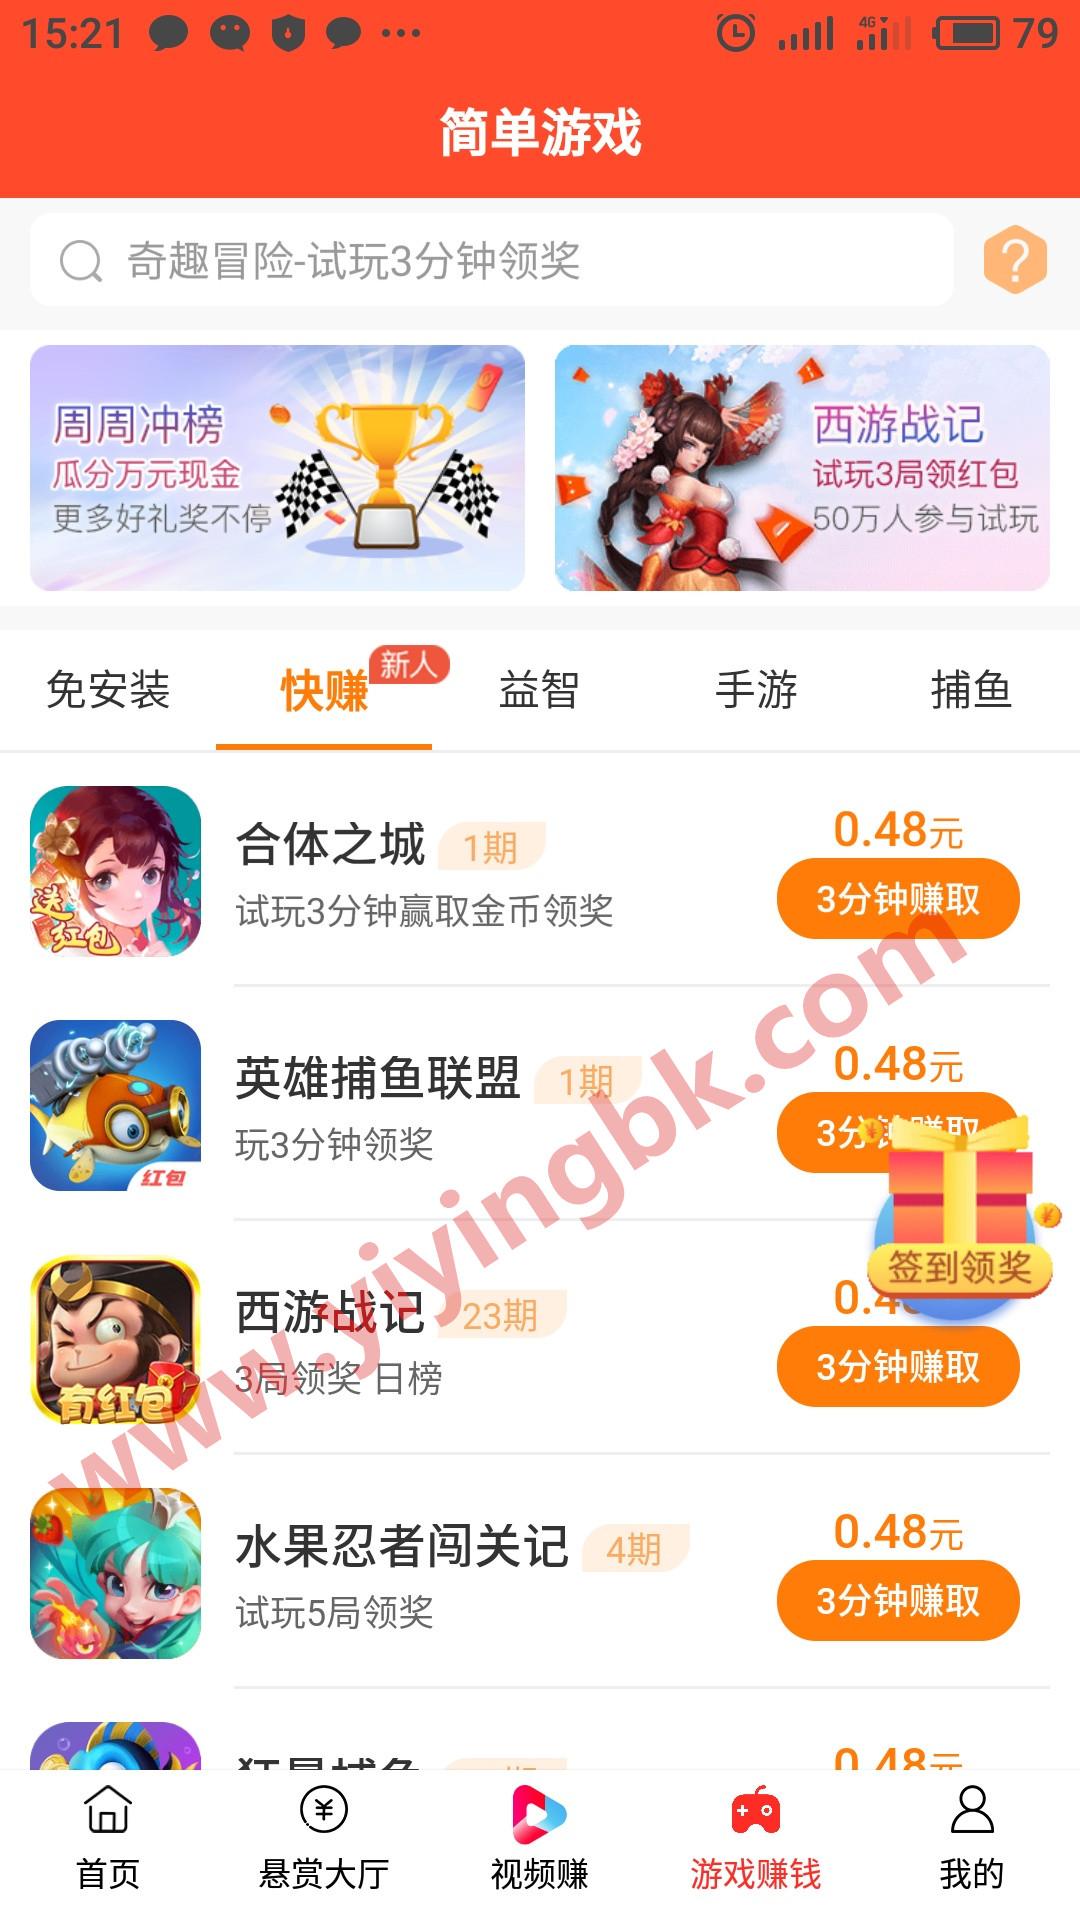 玩游戏赚钱,www.yiyingbk.com